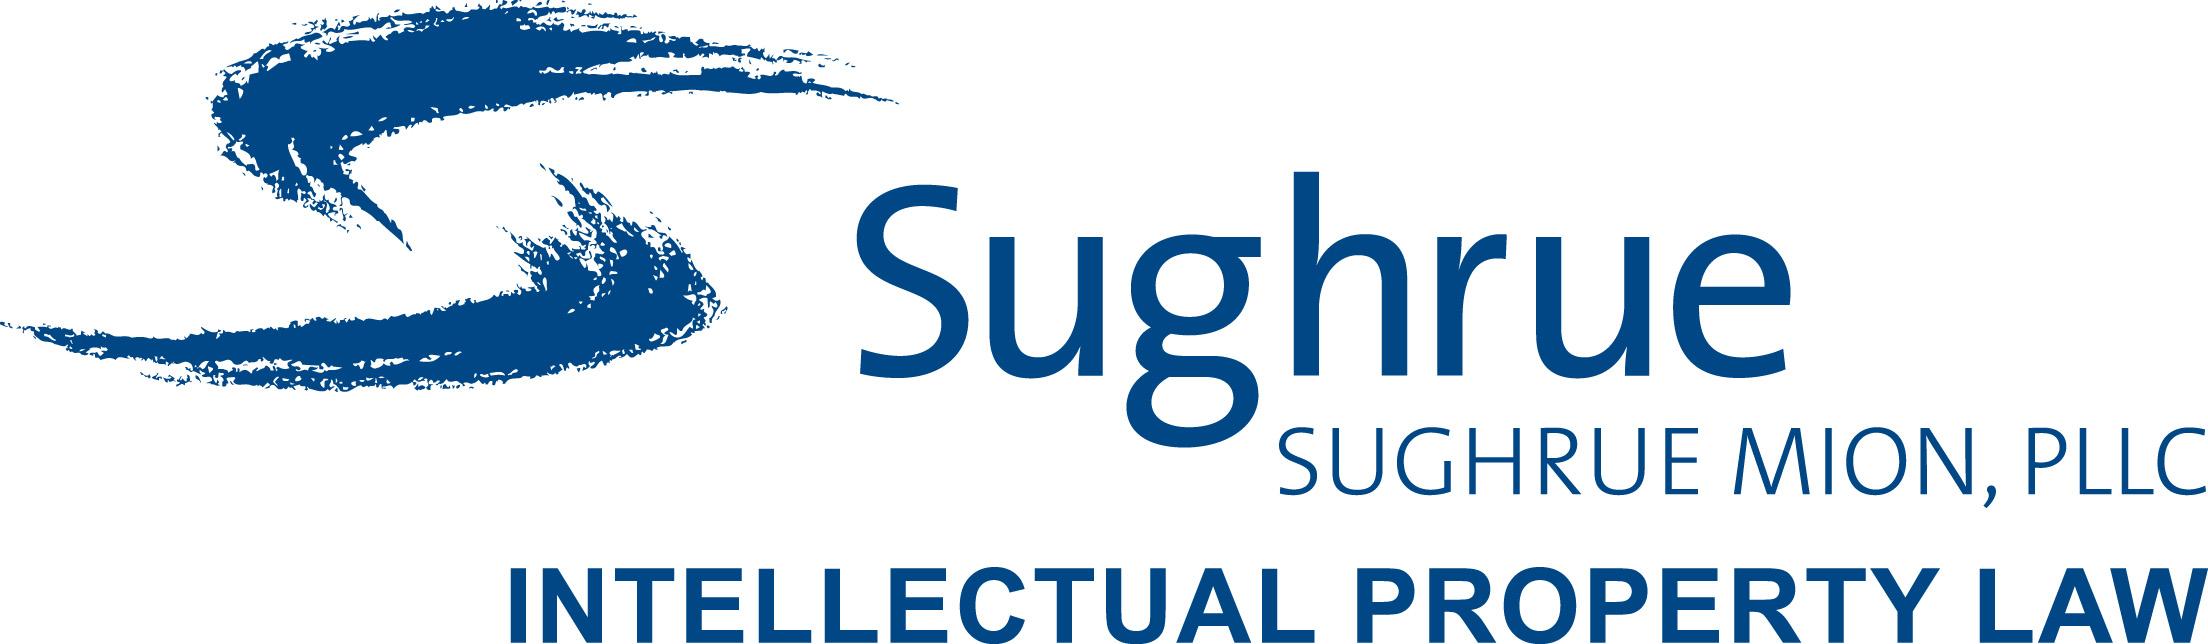 Sughrue